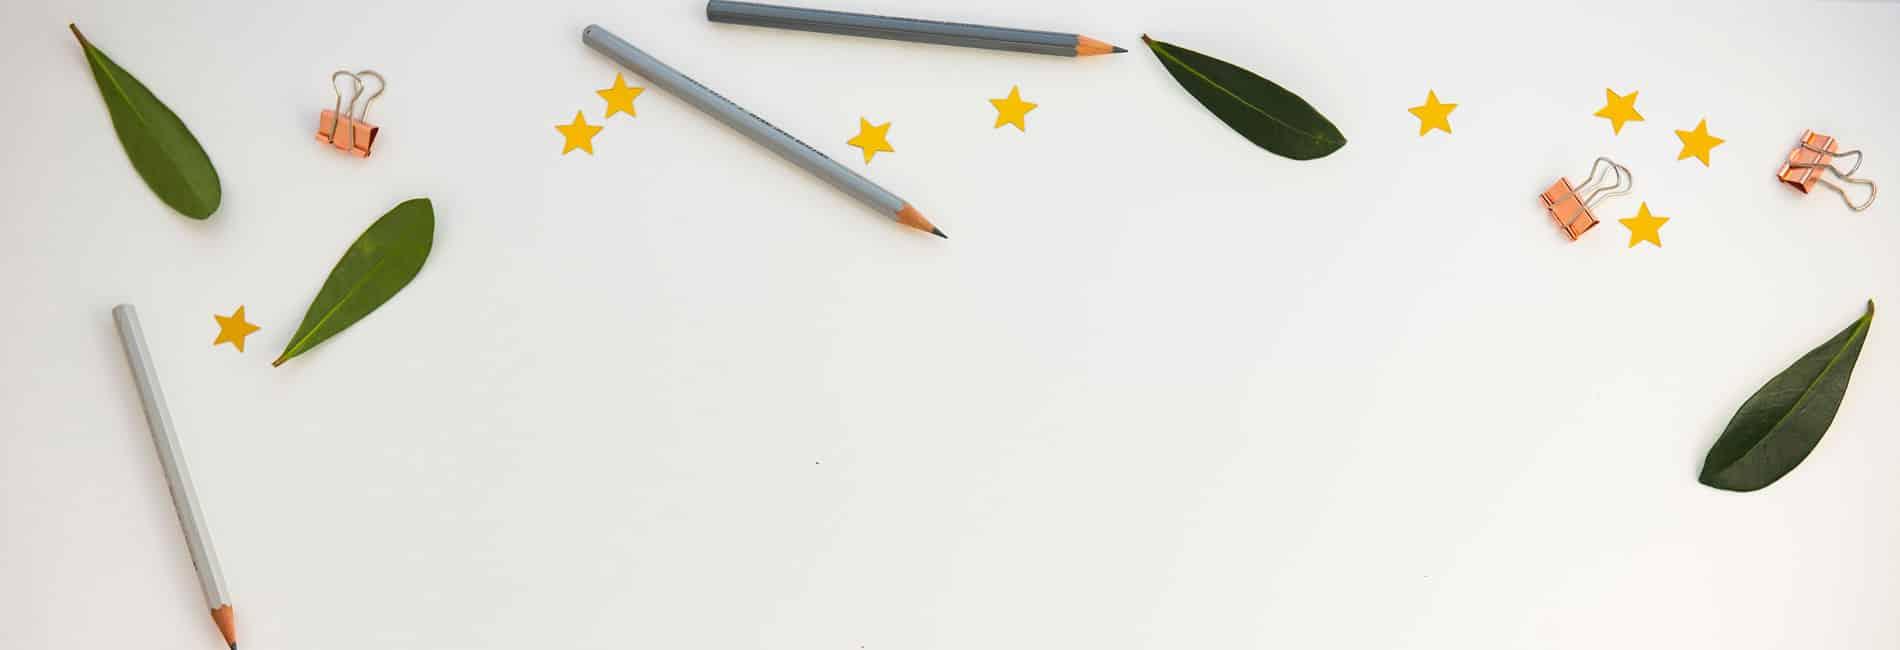 Masterclass projectplan schrijven